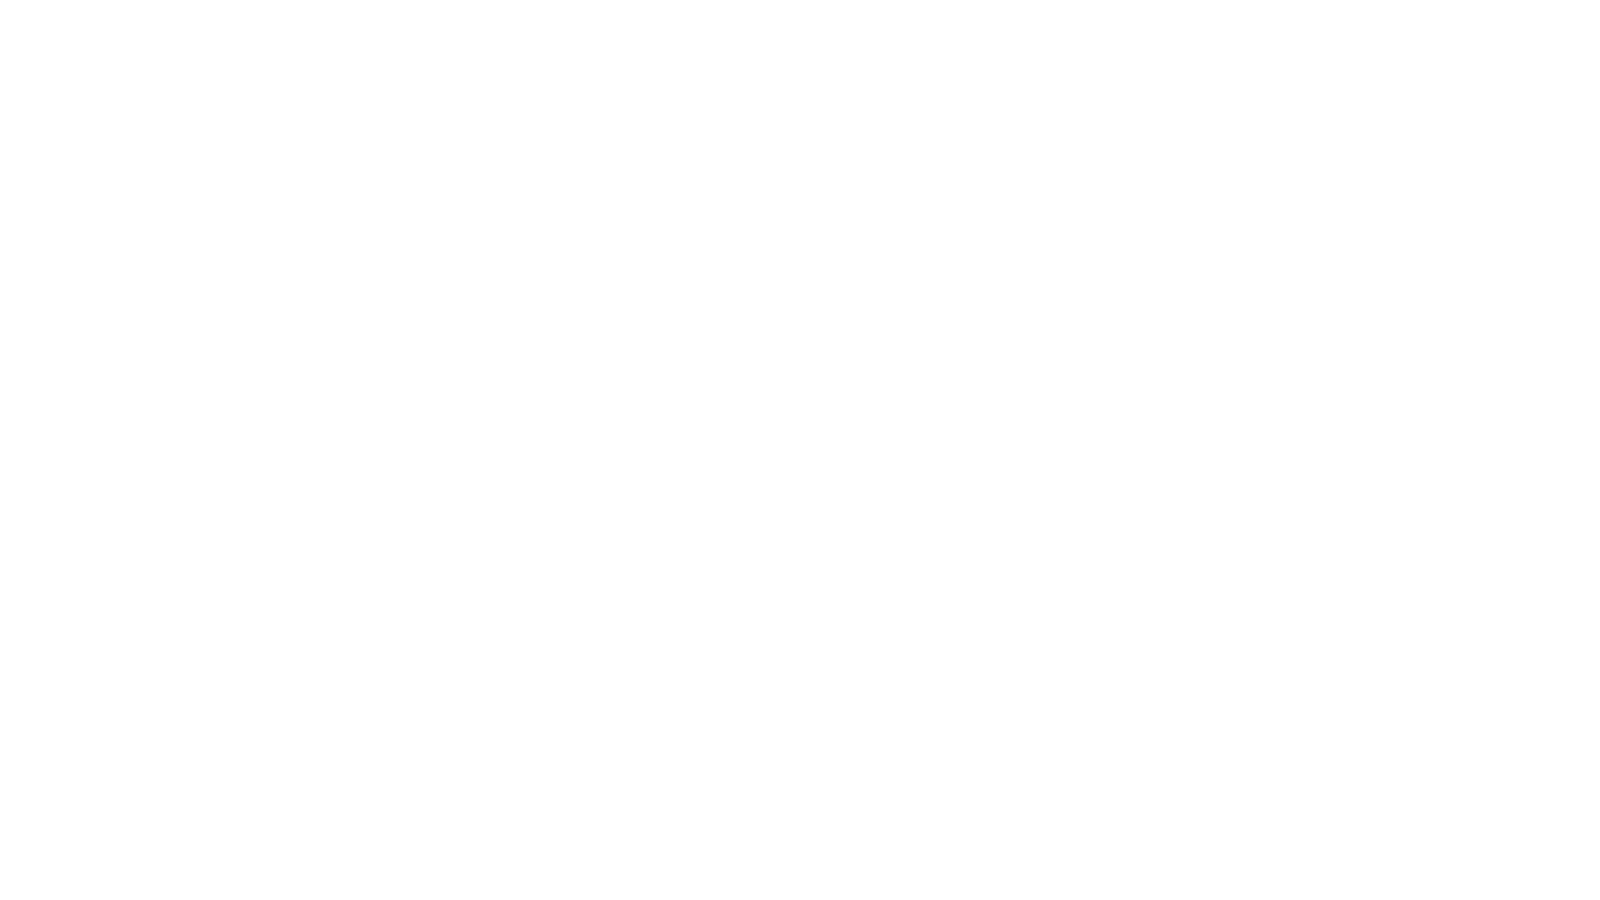 """""""GABON: Les comptines et berceuses préférées d'Ayo, Kimia et Obi"""": Bébé alila  - - - - - - - - - - - - - - - - - - - - - - - - - - - - - - - - - - - - - - - - - - - - - - - - - - - - - - - - - - - - - - - - -  🌿Chanson 🎵 : Berceuse en langue Téké - Bébé alila 🎶 par @Aykobi💫🌿 - - - - - - - - - - - - - - - - - - - - - - - - - - - - - - - - - - - - - - - - - - - - - - - - - - - - - - - - - - - - - - - - -   Mbolo! 👋🏼👋🏾👋🏿  ABONNE TOI A NOTRE CHAINE ET ACTIVE LA 🔔  DE NOTIFICATION  POUR NE RIEN RATER !   On est aussi sur:   Facebook : https://www.facebook.com/Aykobii Instagram : https://www.instagram.com/aykobi_/  🚀Alors n'hésite plus et embarque à bord de l'aventure Aykobi! 🚀   Nous t'attendons avec hâte ! 💜"""